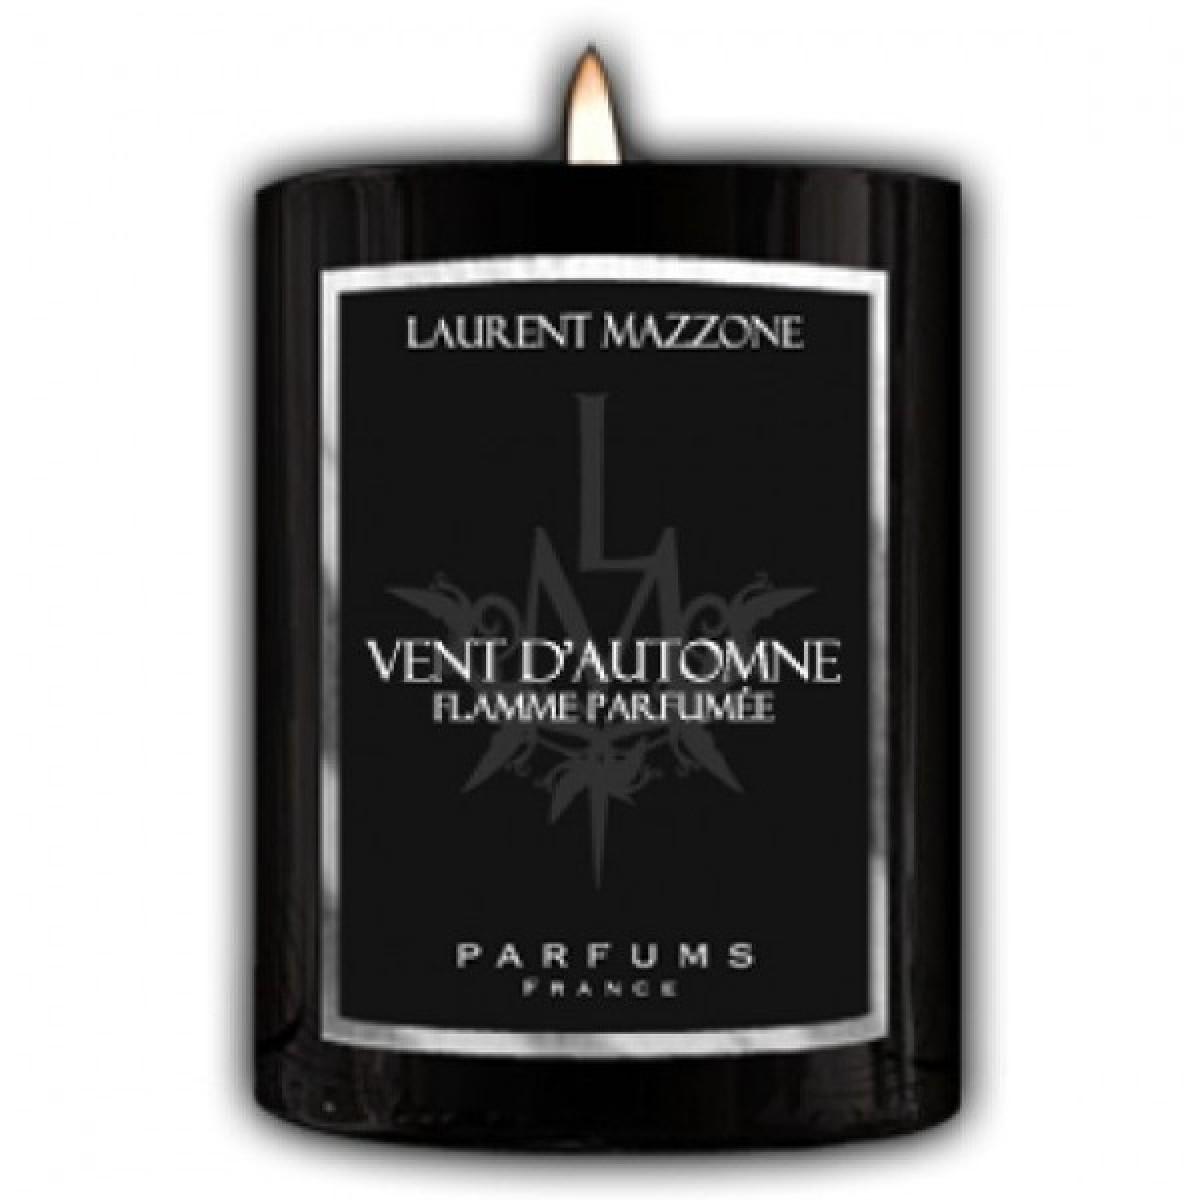 VENT D'AUTOMNE - LM Parfums